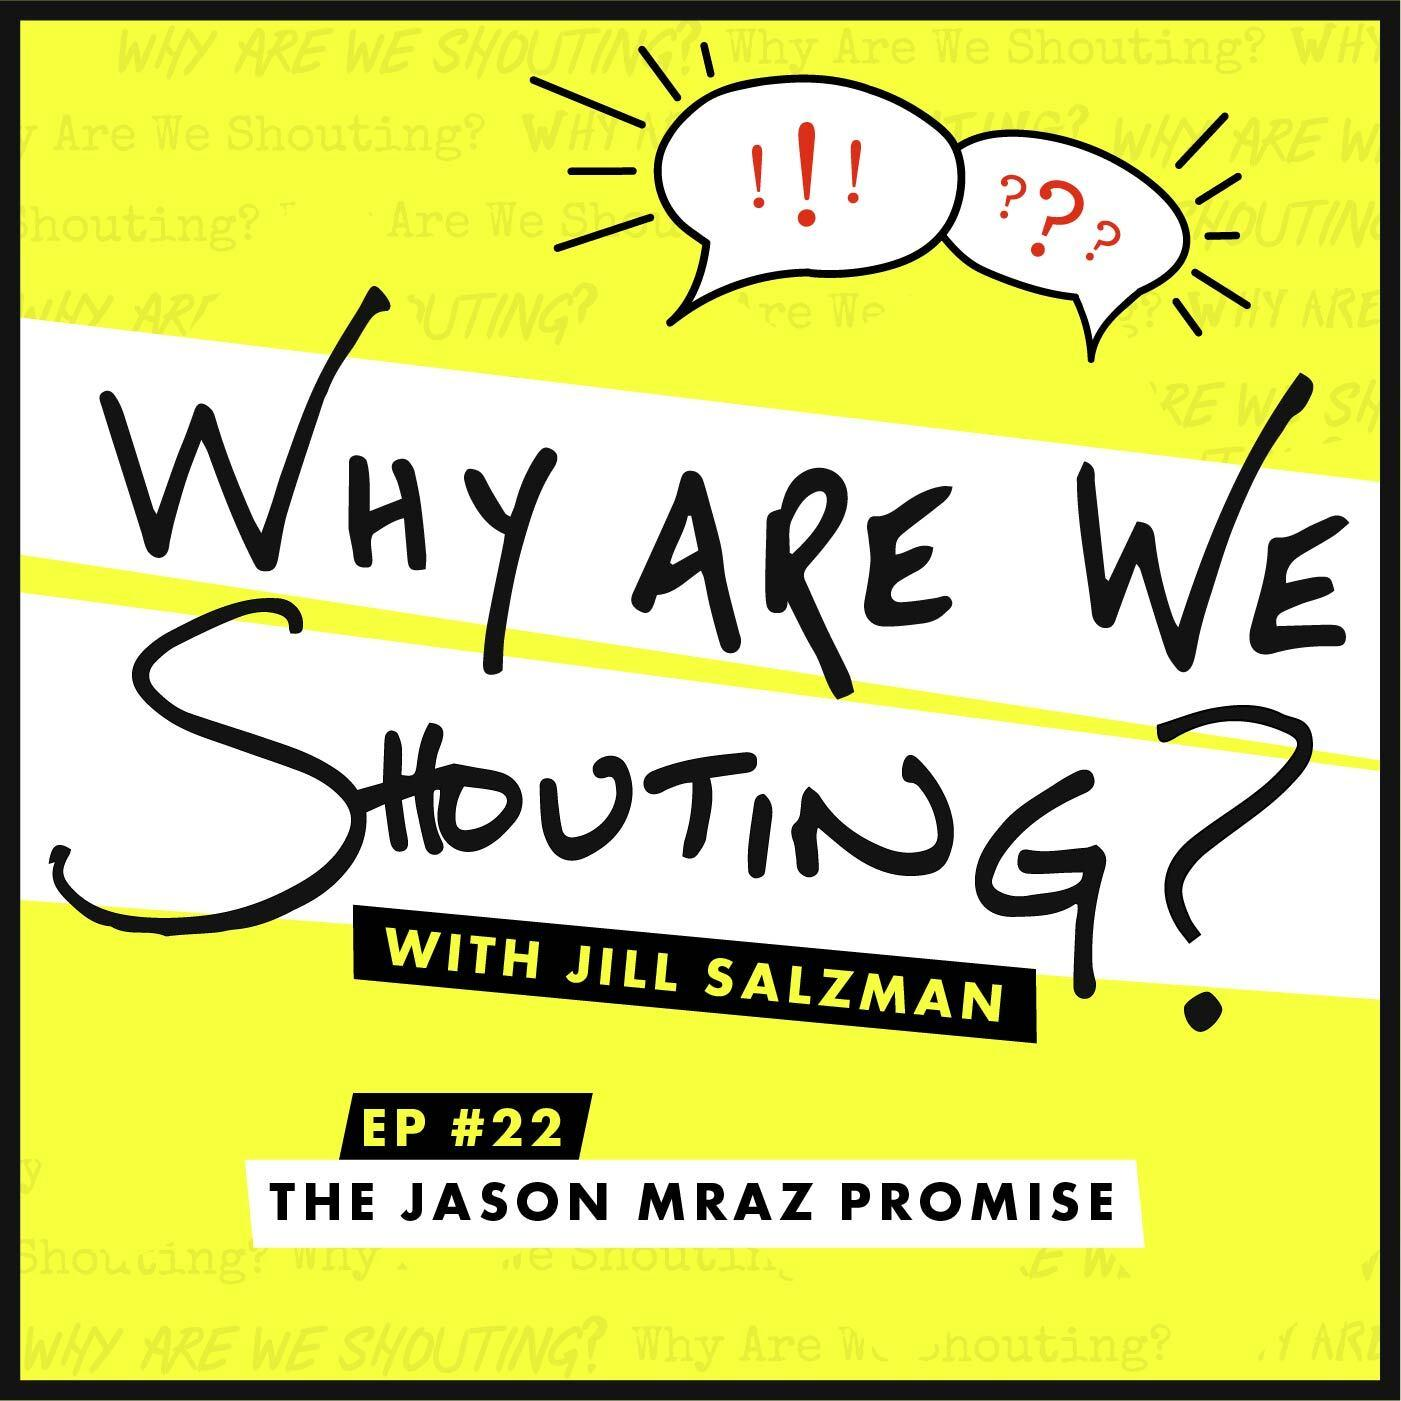 The Jason Mraz Promise